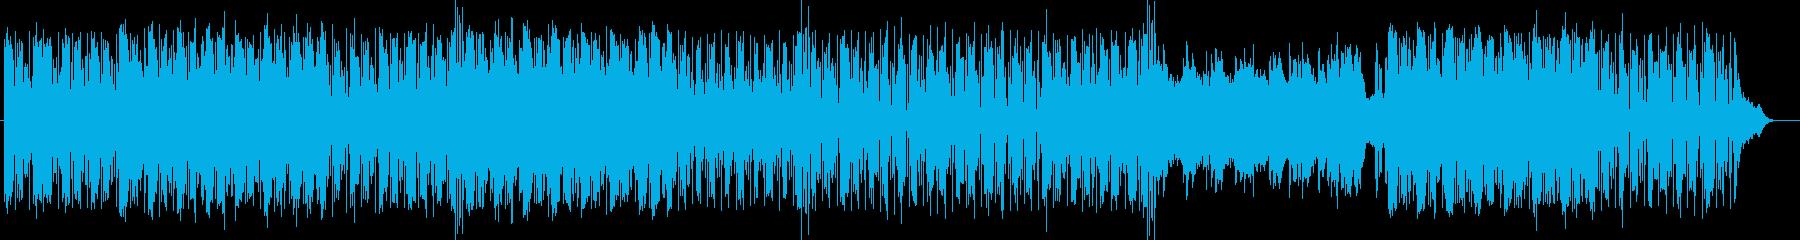 速いテンポのテクノバラードの再生済みの波形